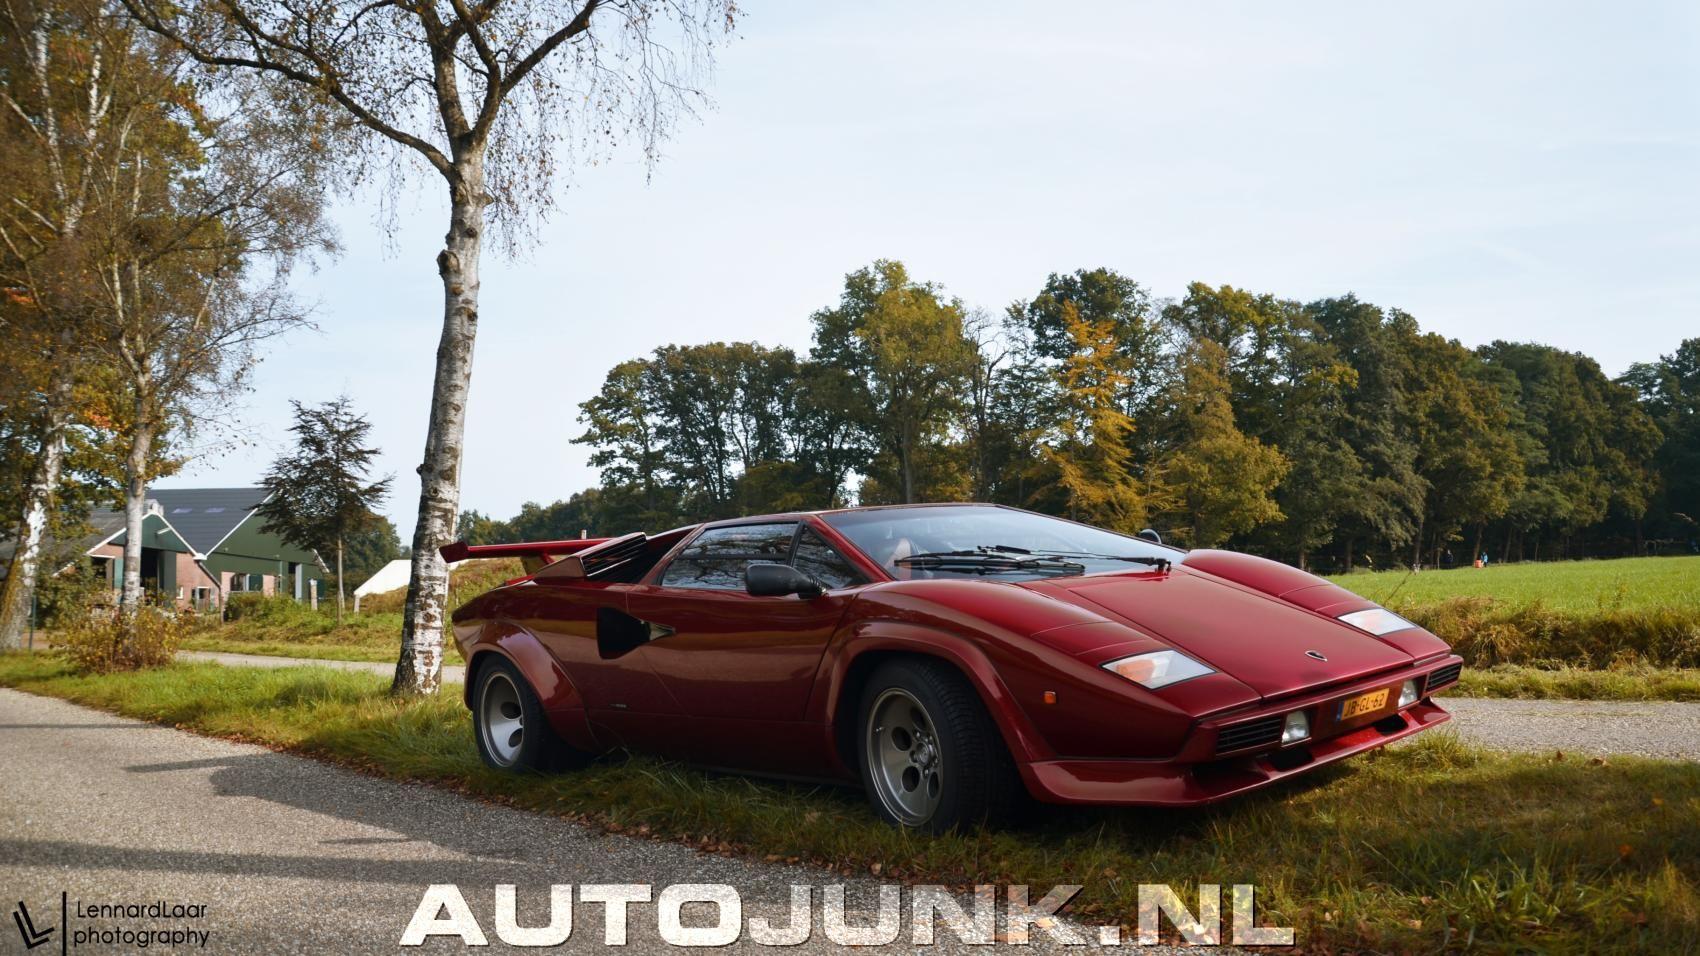 Kwam deze geweldige combo vanochtend tegen bij een klassiekerevent in Winterswijk, welke heeft jullie voorkeur?